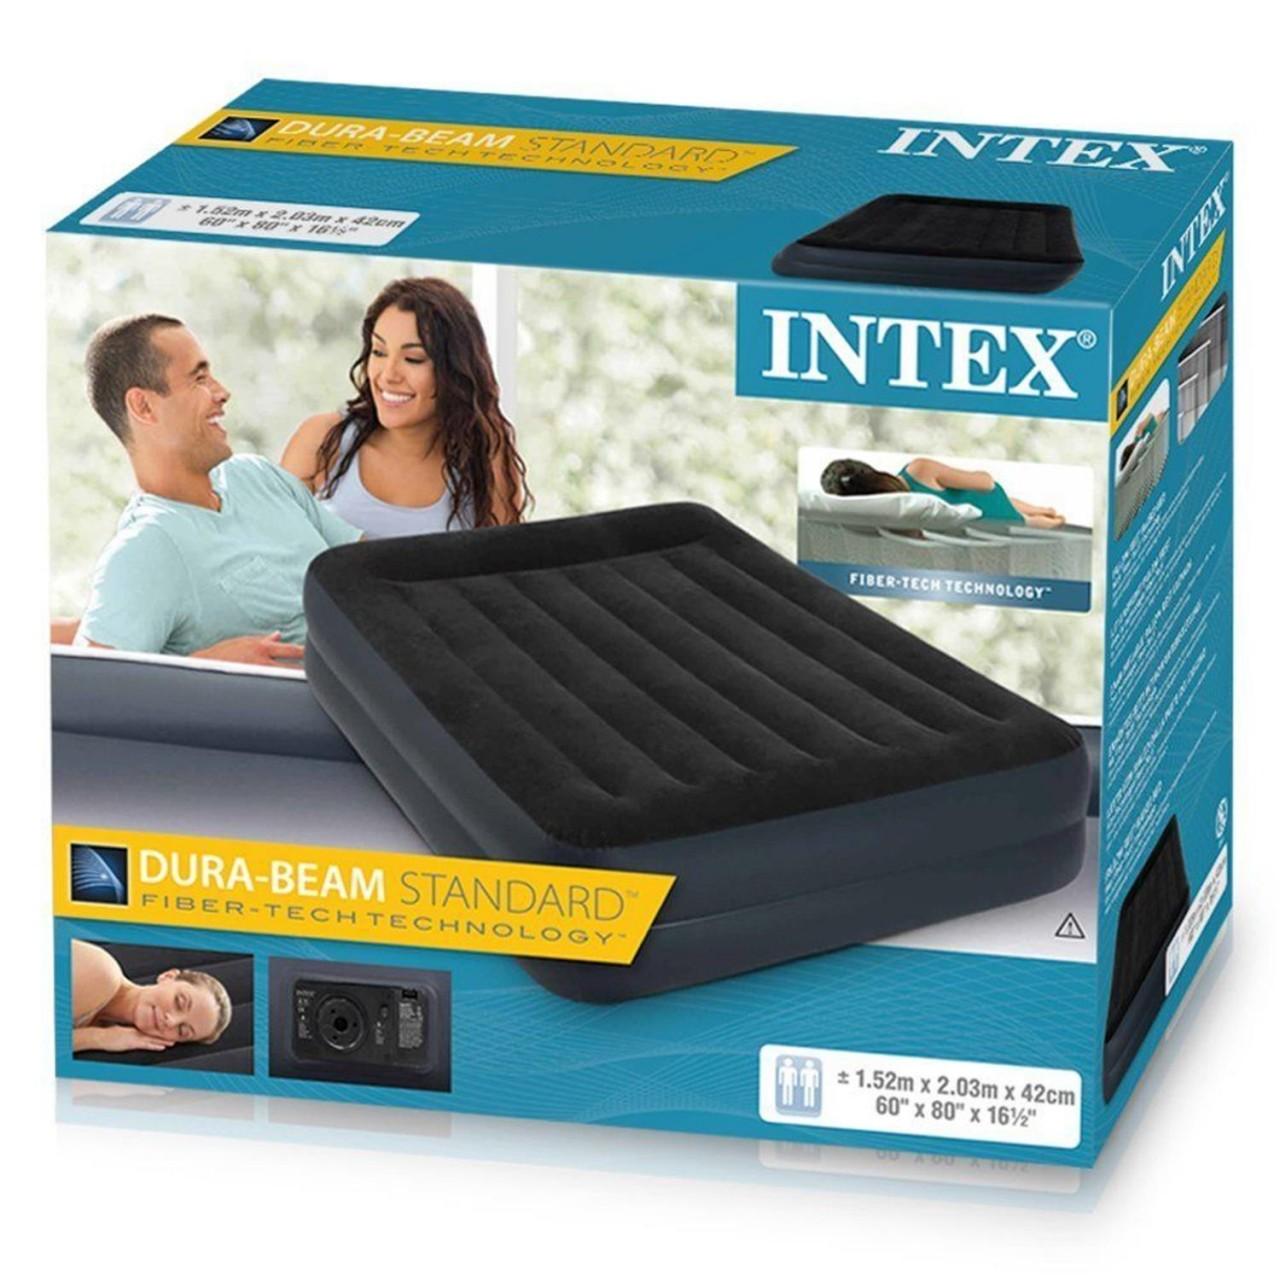 INTEX Luftbett mit Pumpe Gästebett Luftmatratze selbstaufblasend 203x152x42cm